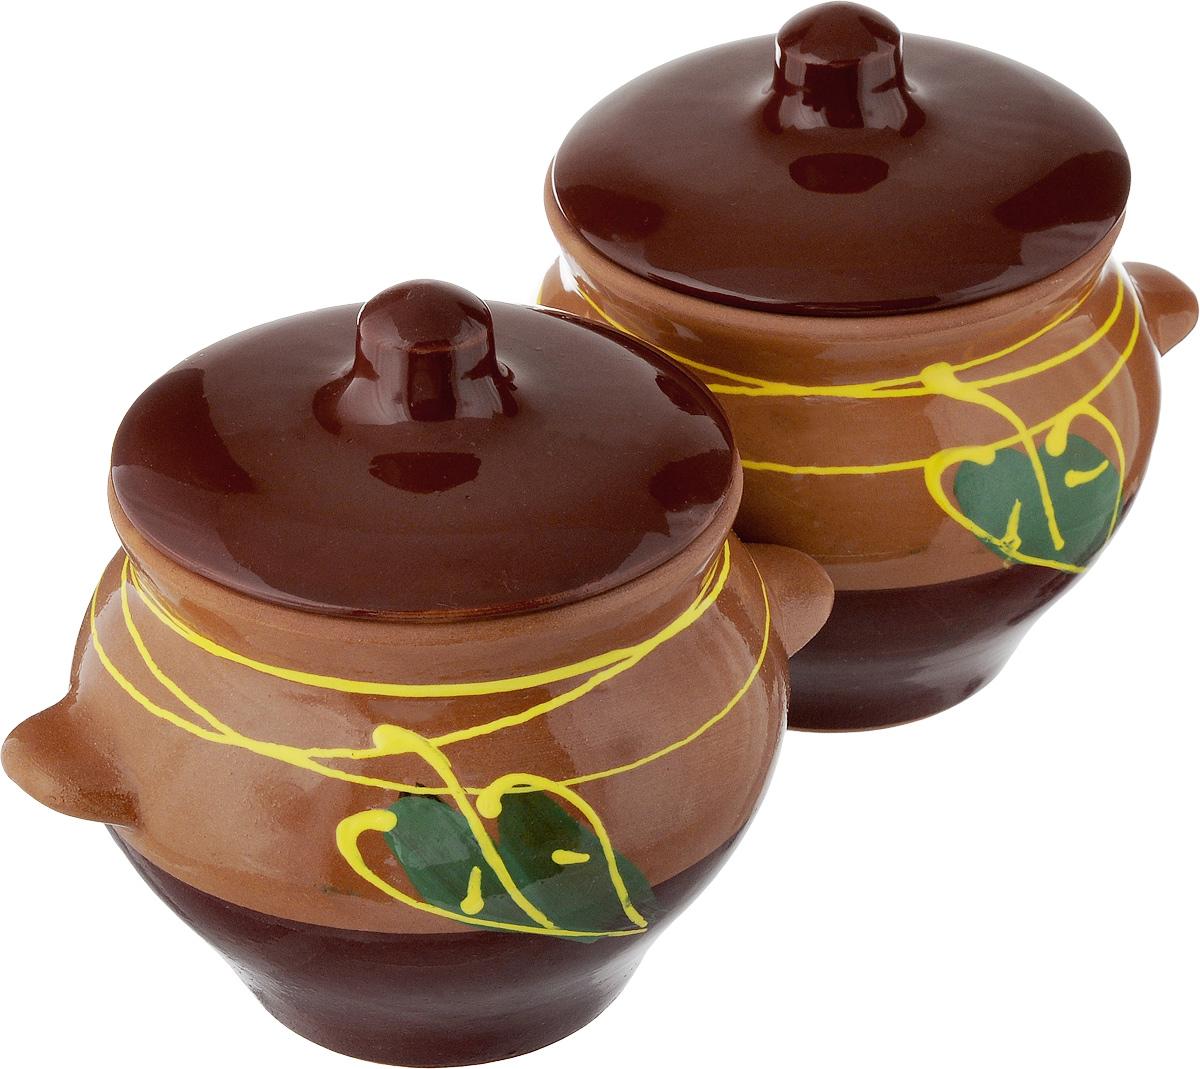 Набор горшочков для запекания Борисовская керамика Стандарт, с крышками, цвет: коричневый, темно-коричневый, зеленый, 500 мл, 2 штОБЧ00000006_коричневый, темно-коричневый, зеленый листокНабор Борисовская керамика Стандарт состоит из 2 горшочков для запекания с крышками. Каждый предмет набора выполнен из высококачественной керамики. Уникальные свойства красной глины и толстые стенки изделия обеспечивают эффект русской печи при приготовлении блюд. Блюда, приготовленные в керамическом горшке, получаются нежными и сочными. Вы сможете приготовить мясо, сделать томленые овощи и все это без капли масла. Это один из самых здоровых способов готовки. Можно использовать в духовке и микроволновой печи. Диаметр горшка (по верхнему краю): 9,5 см. Высота стенок: 9,6 см. Объем горшка: 500 мл.